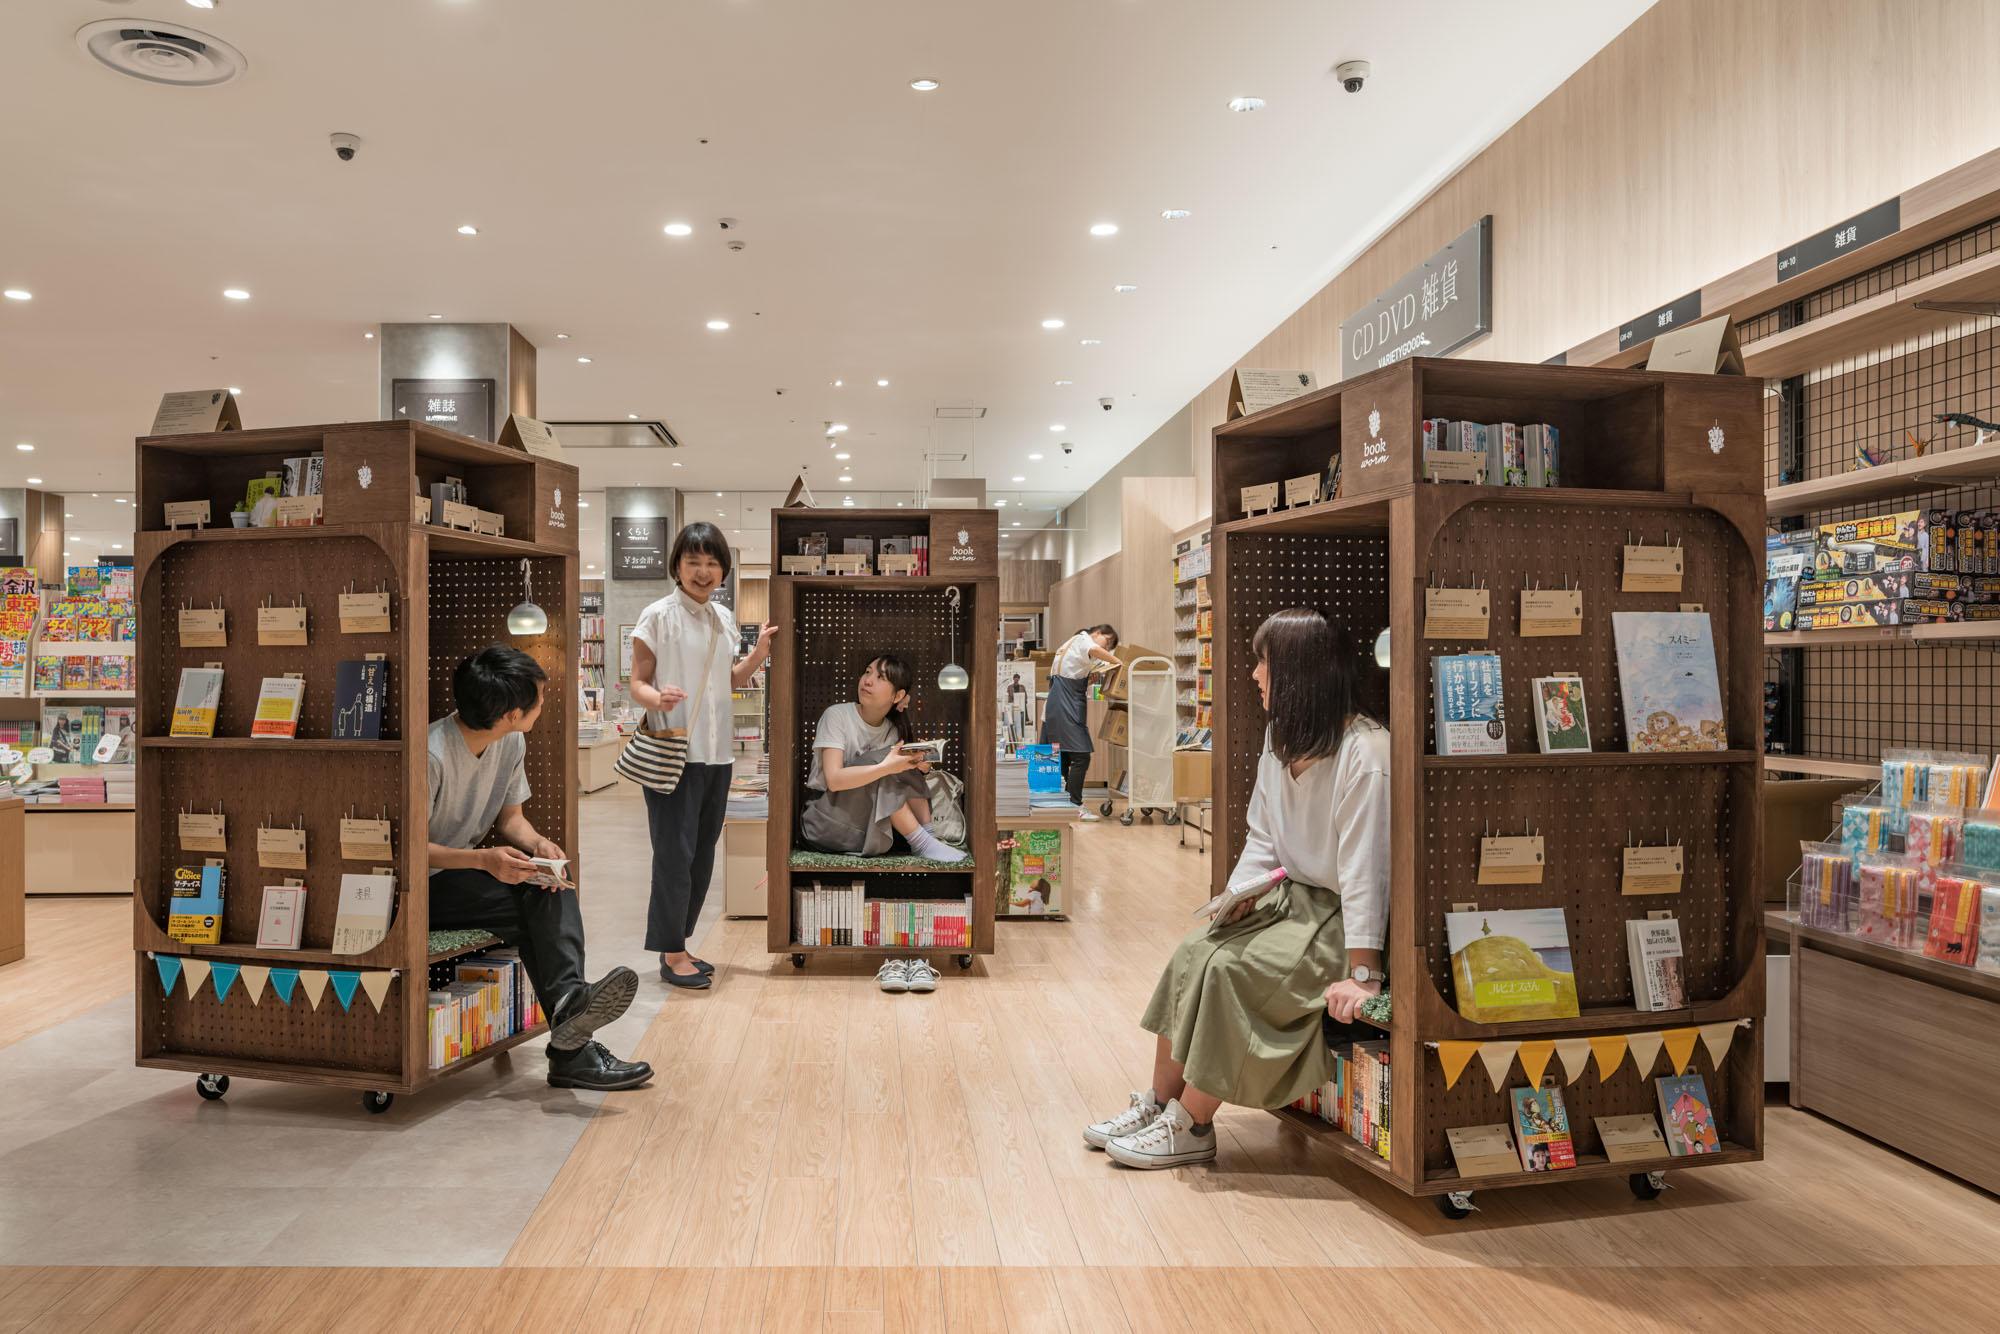 移動式本棚『本の虫』book worm(Photo/谷川ヒロシ)